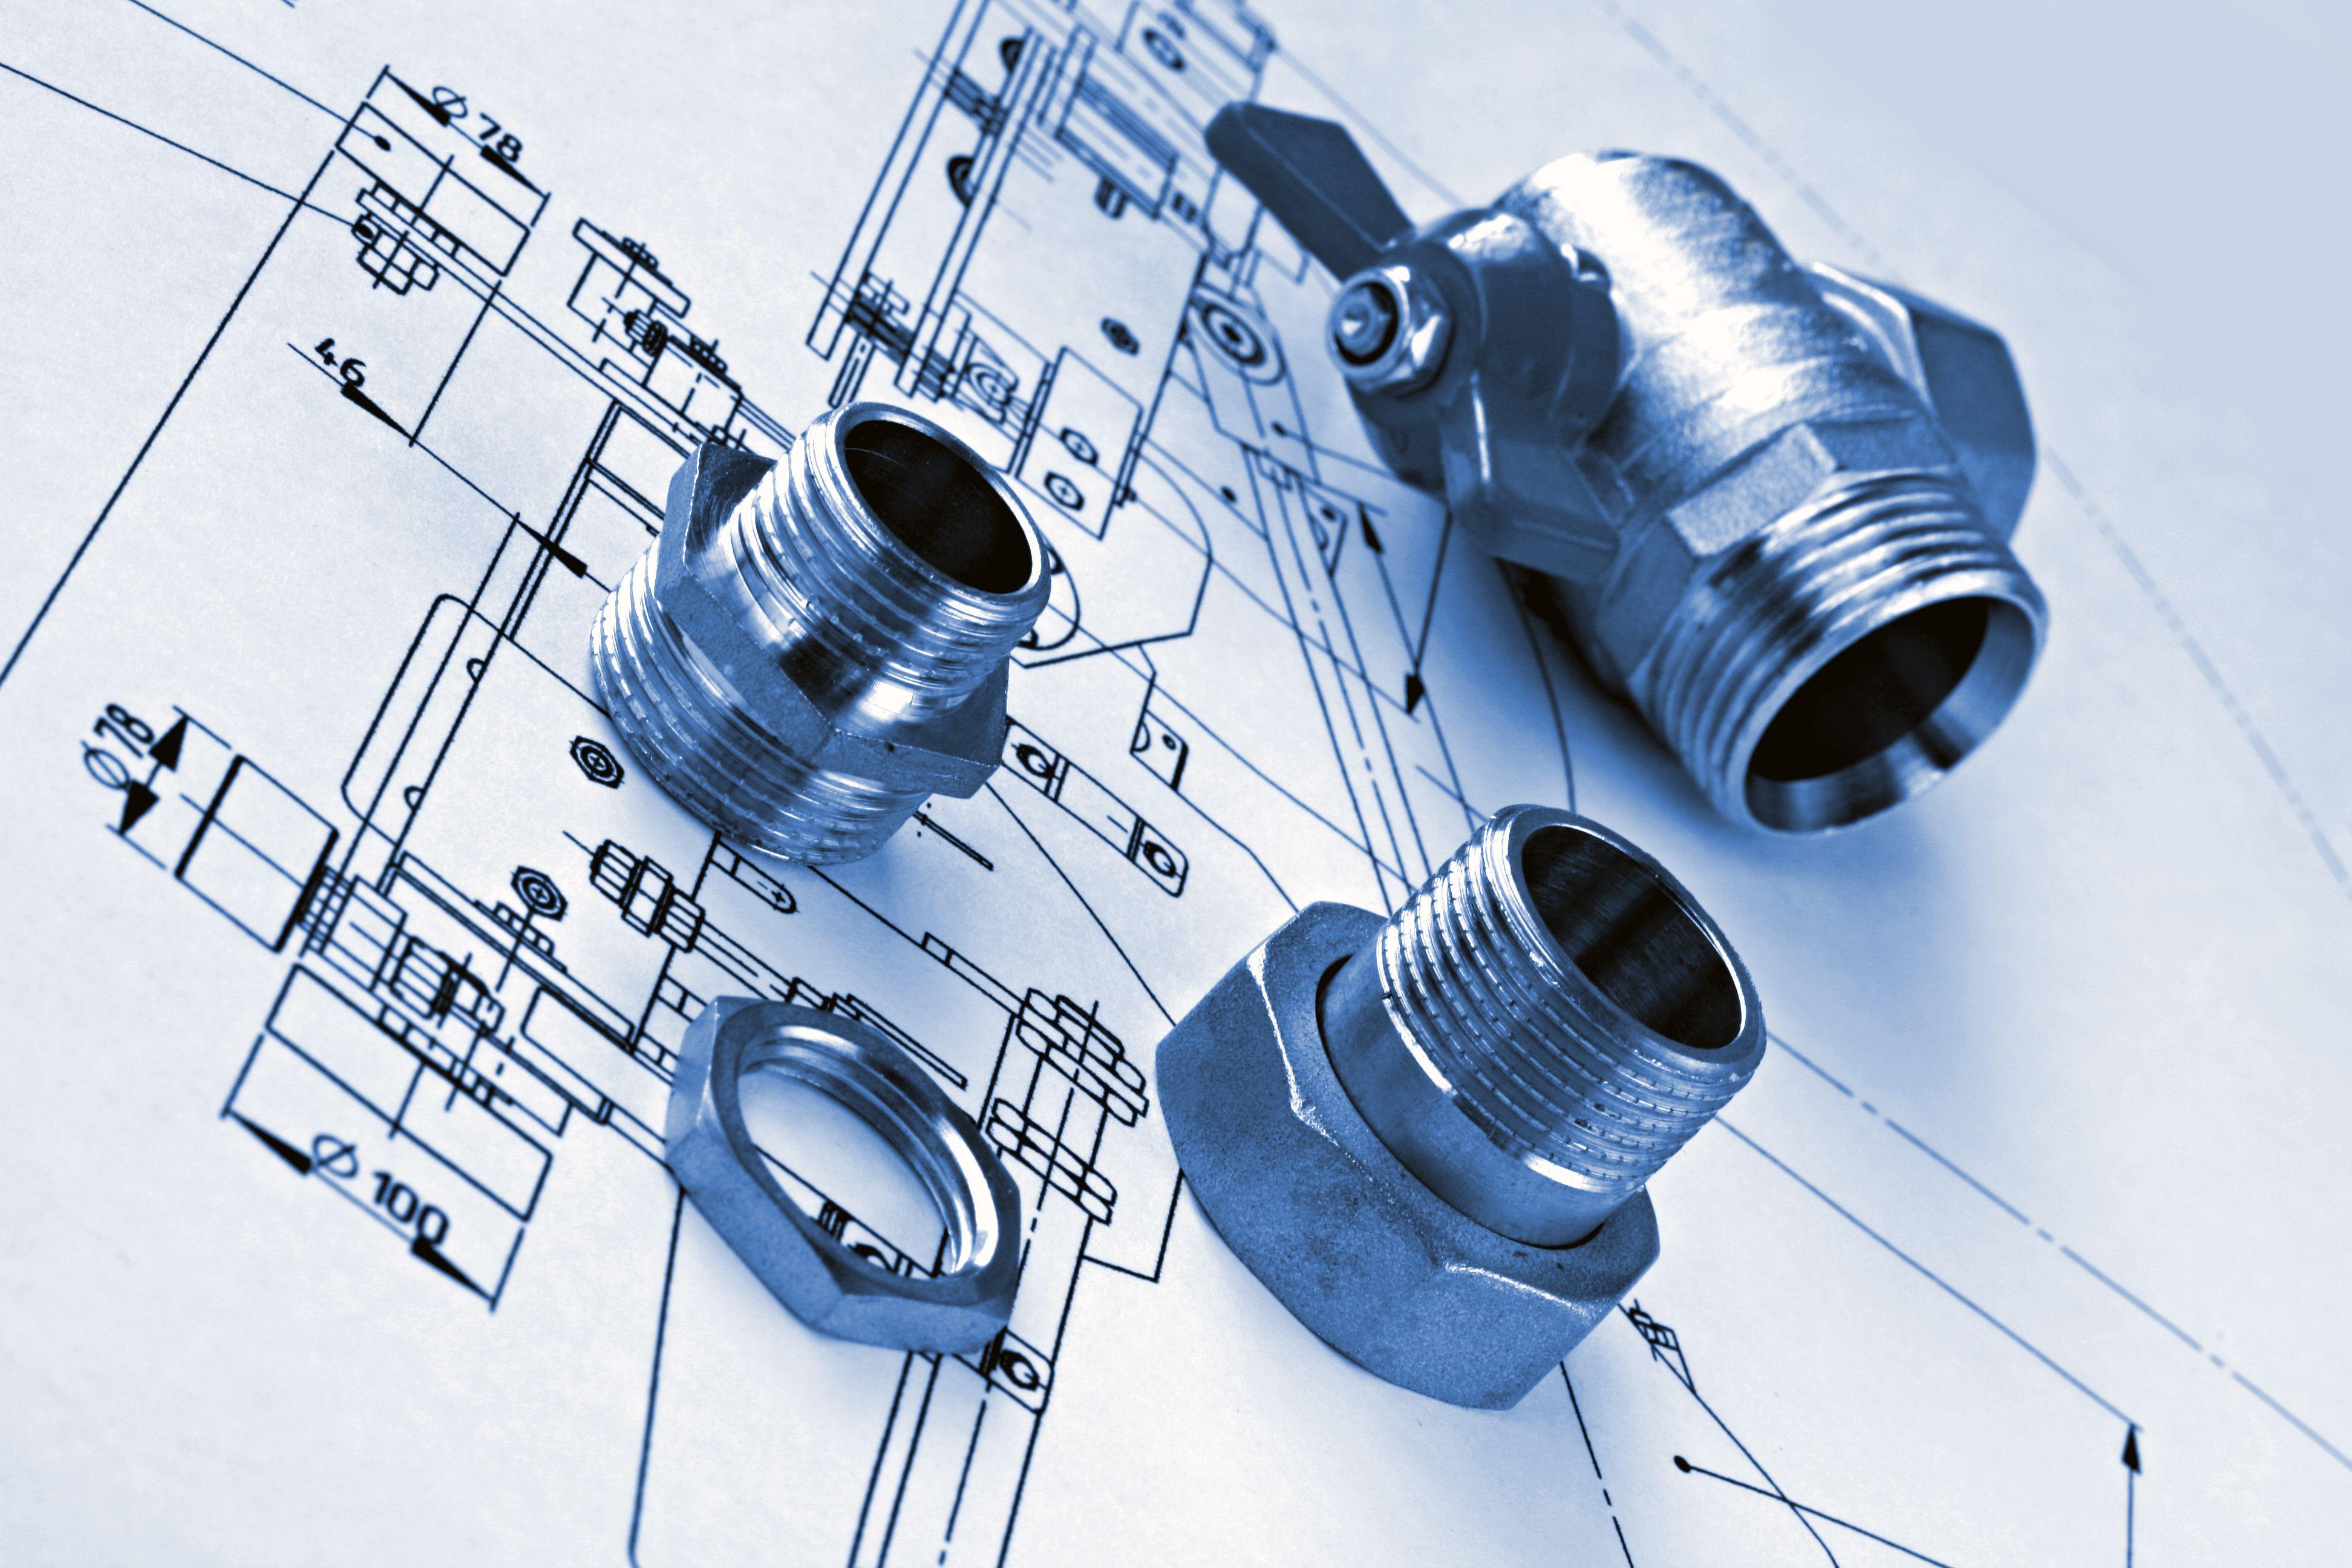 Instalaciones generales de fontanería y calefacción en edificios